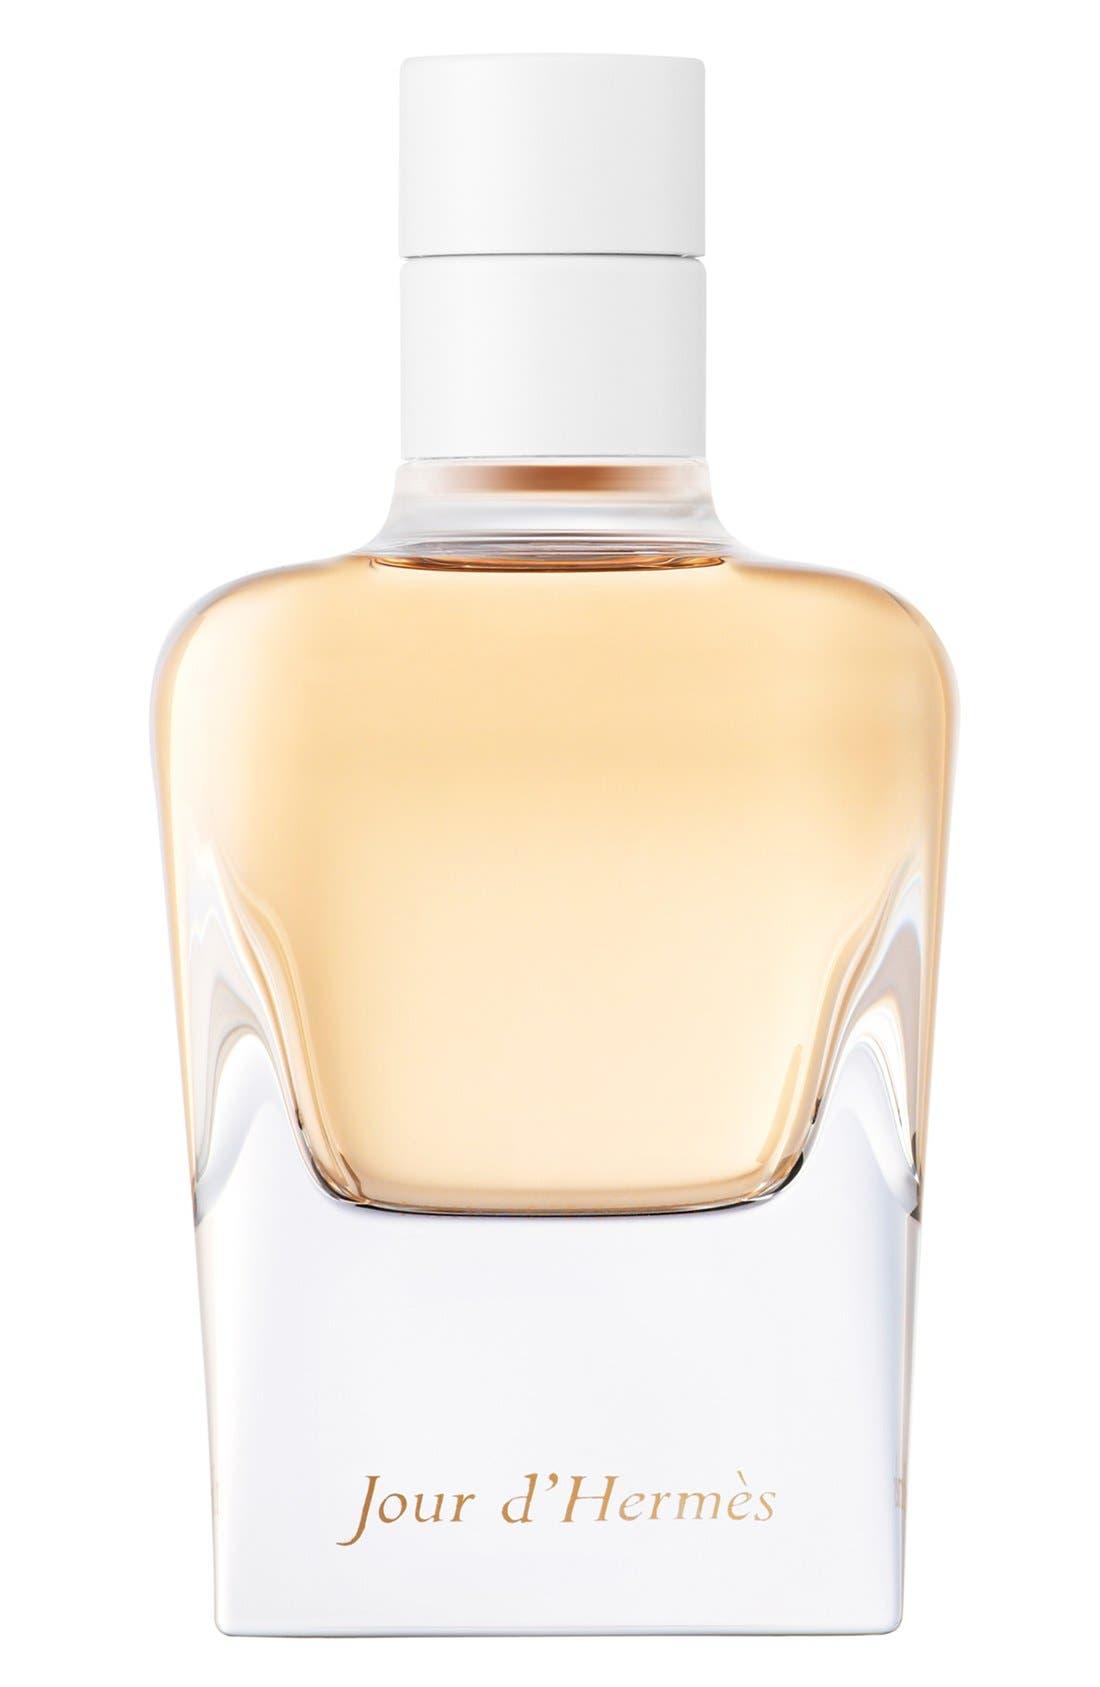 Hermès Jour d'Hermès - Eau de parfum spray